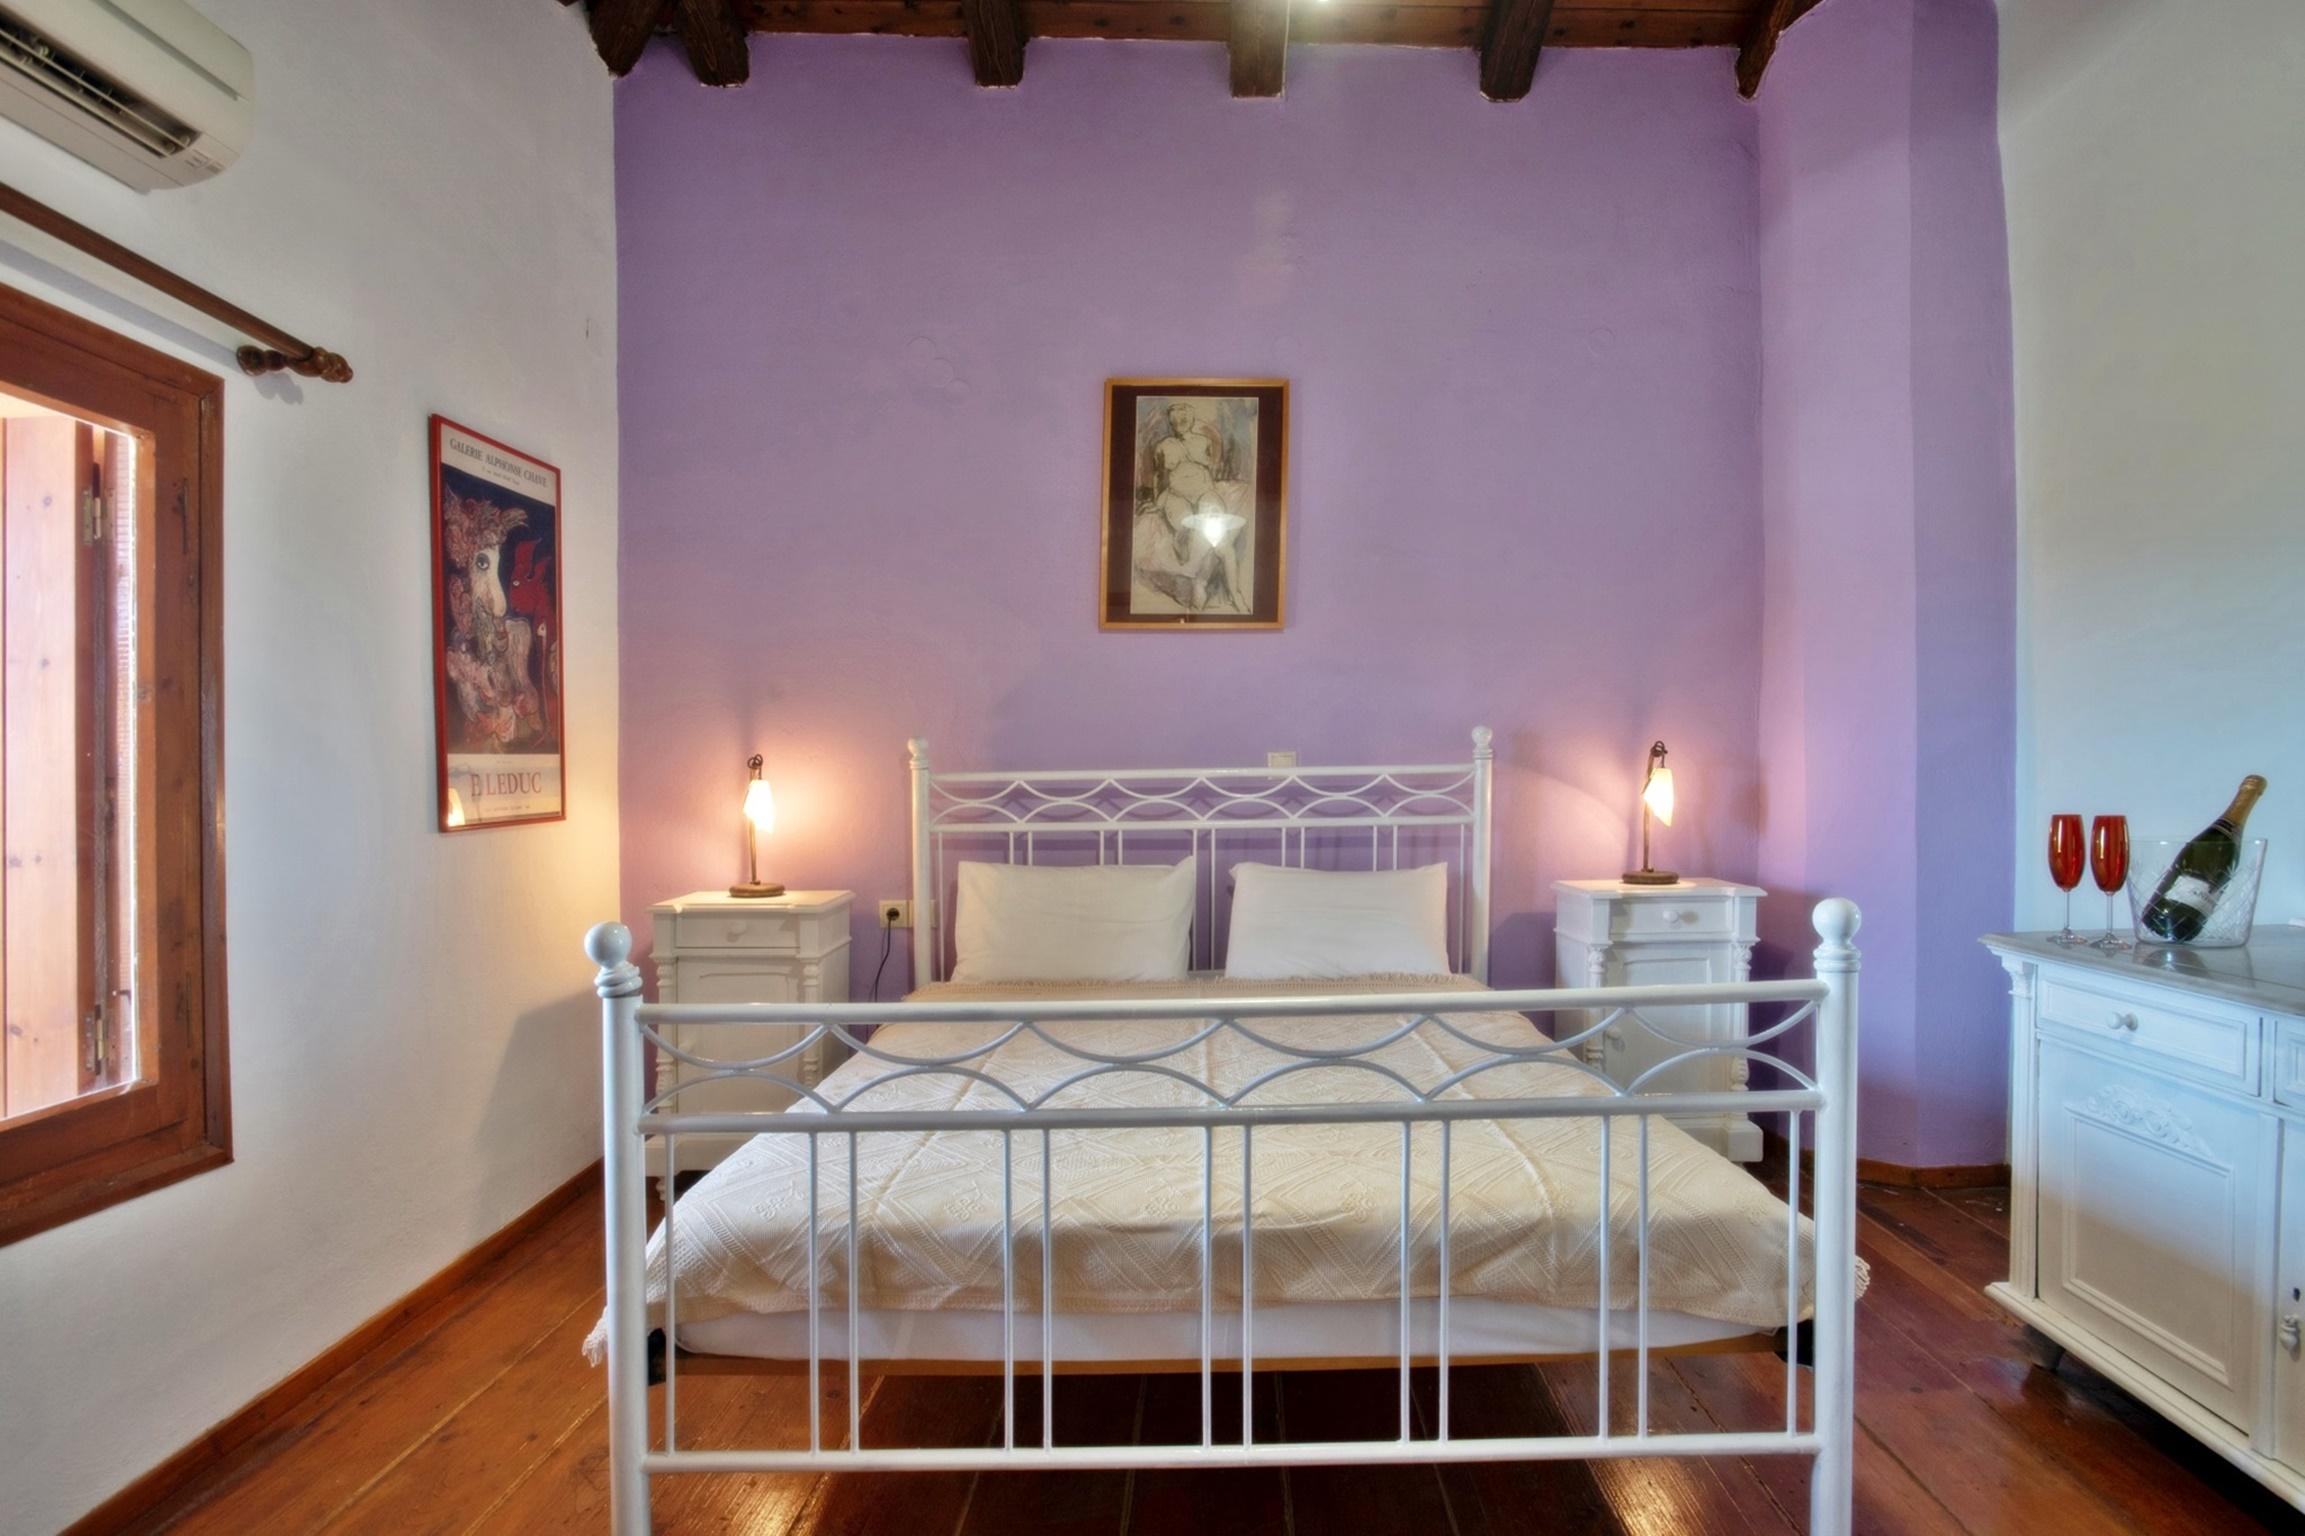 Ferienhaus Haus und Studio annektiert - Ideal groe Familien - kleines Dorf, nahe Strnde (2598996), Neon Khorion Kriti, Kreta Nordküste, Kreta, Griechenland, Bild 14